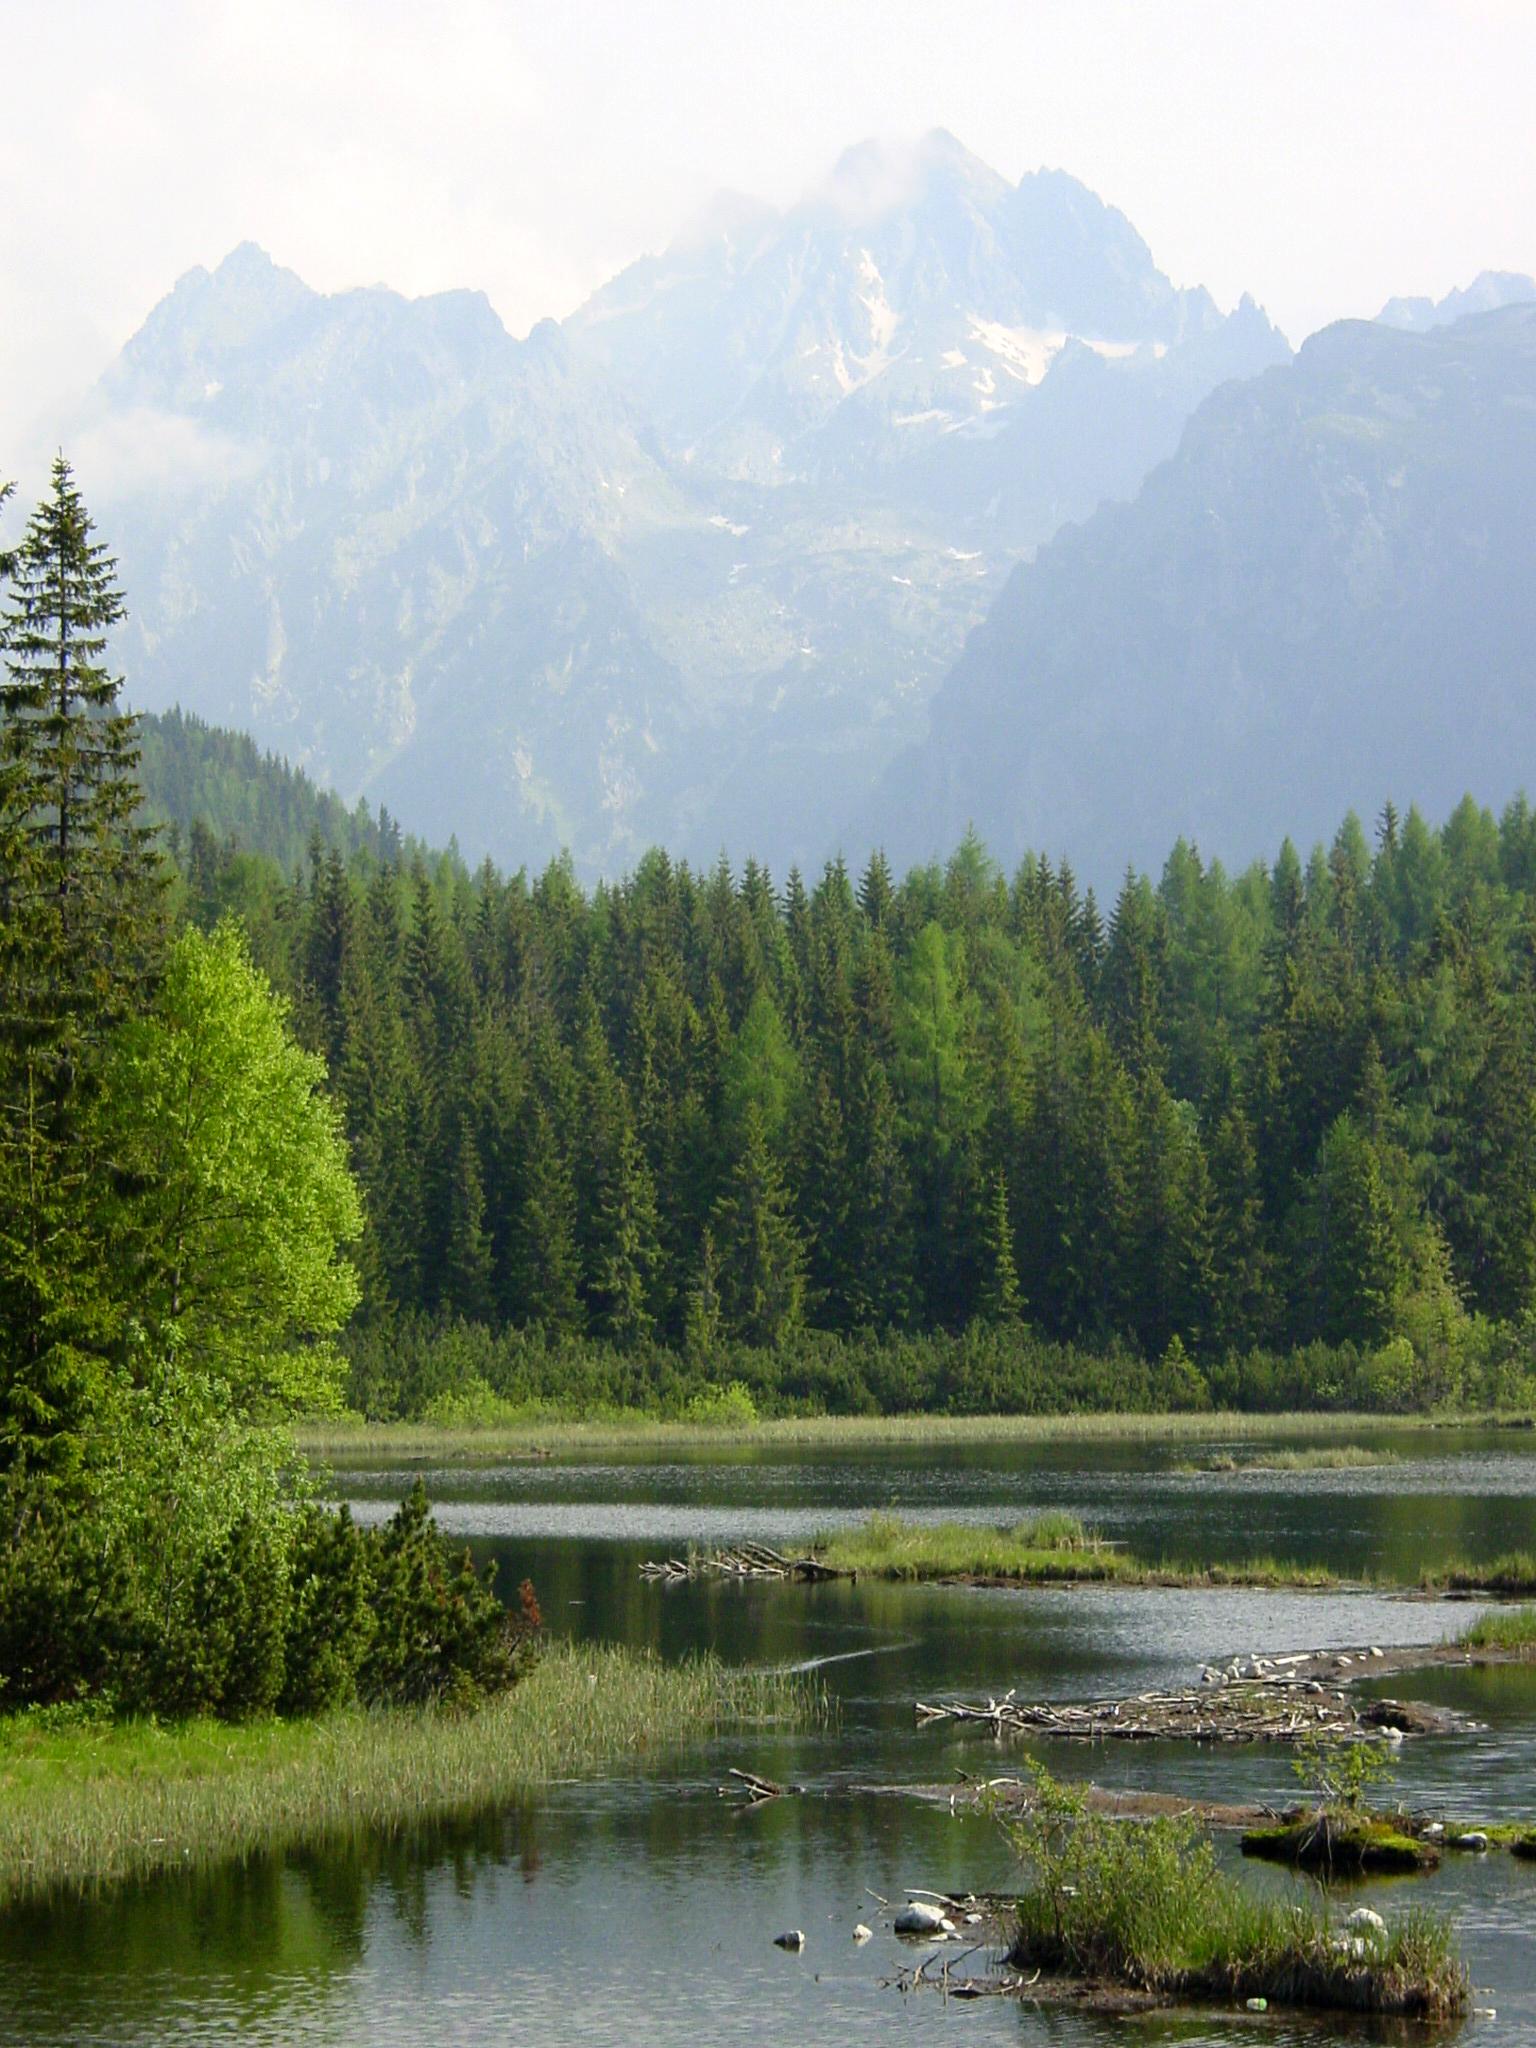 Hohe Tatra/Strbske Pleso: See von Strybske Pleso vor den mehr als 2.400 Metern hohen Gipfeln der Hohen Tatra.